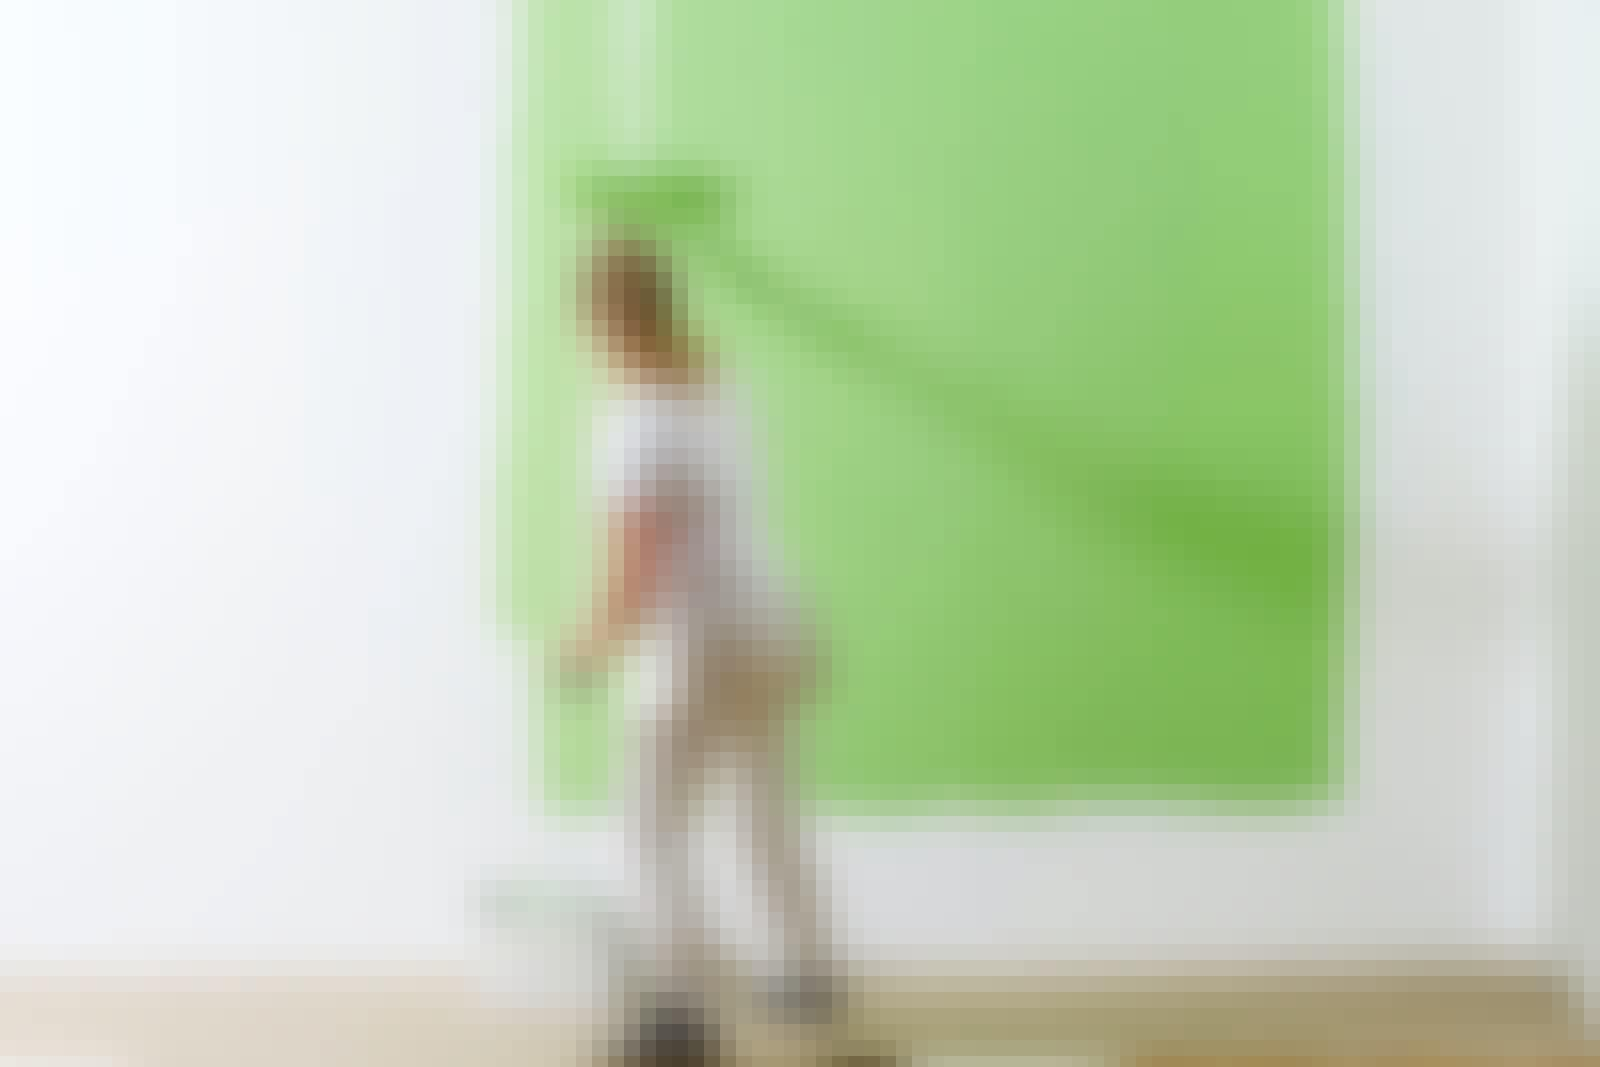 Malerfejl: Sådan undgår du dem